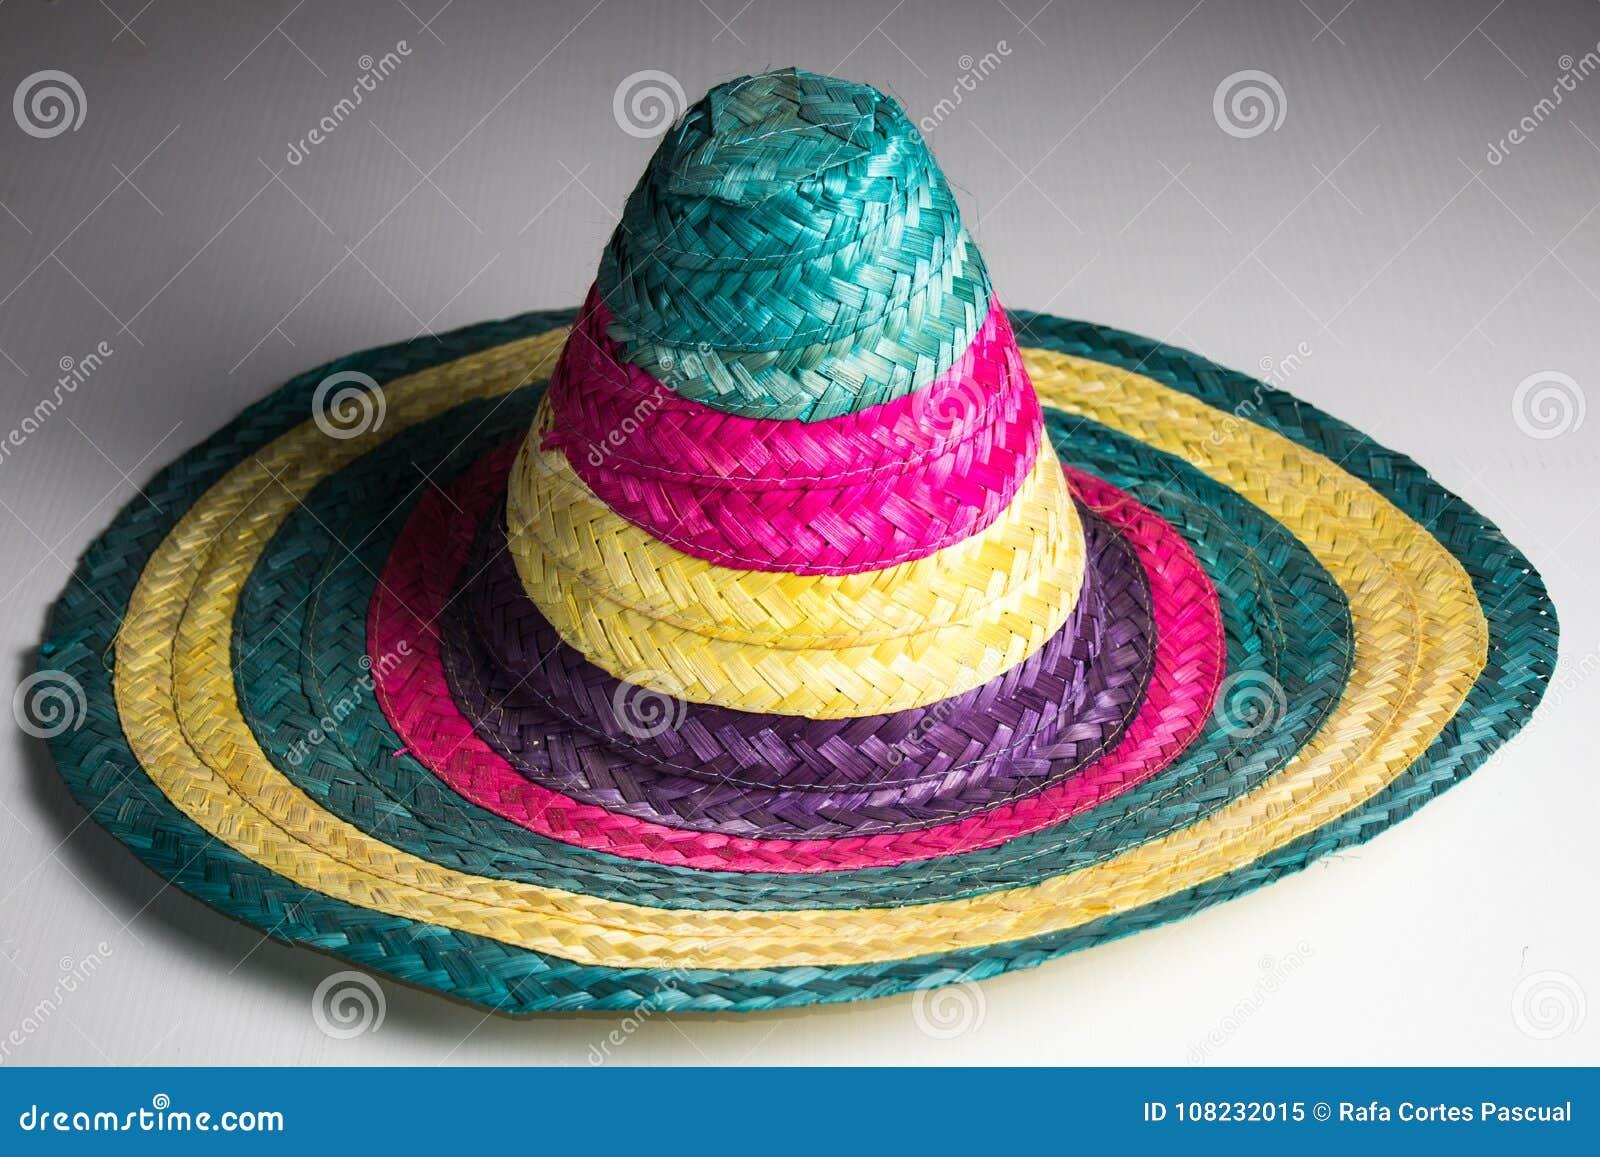 Sombrero Mexicano Tradicional Con Colores Imagen de archivo - Imagen ... 0aae6a260a5